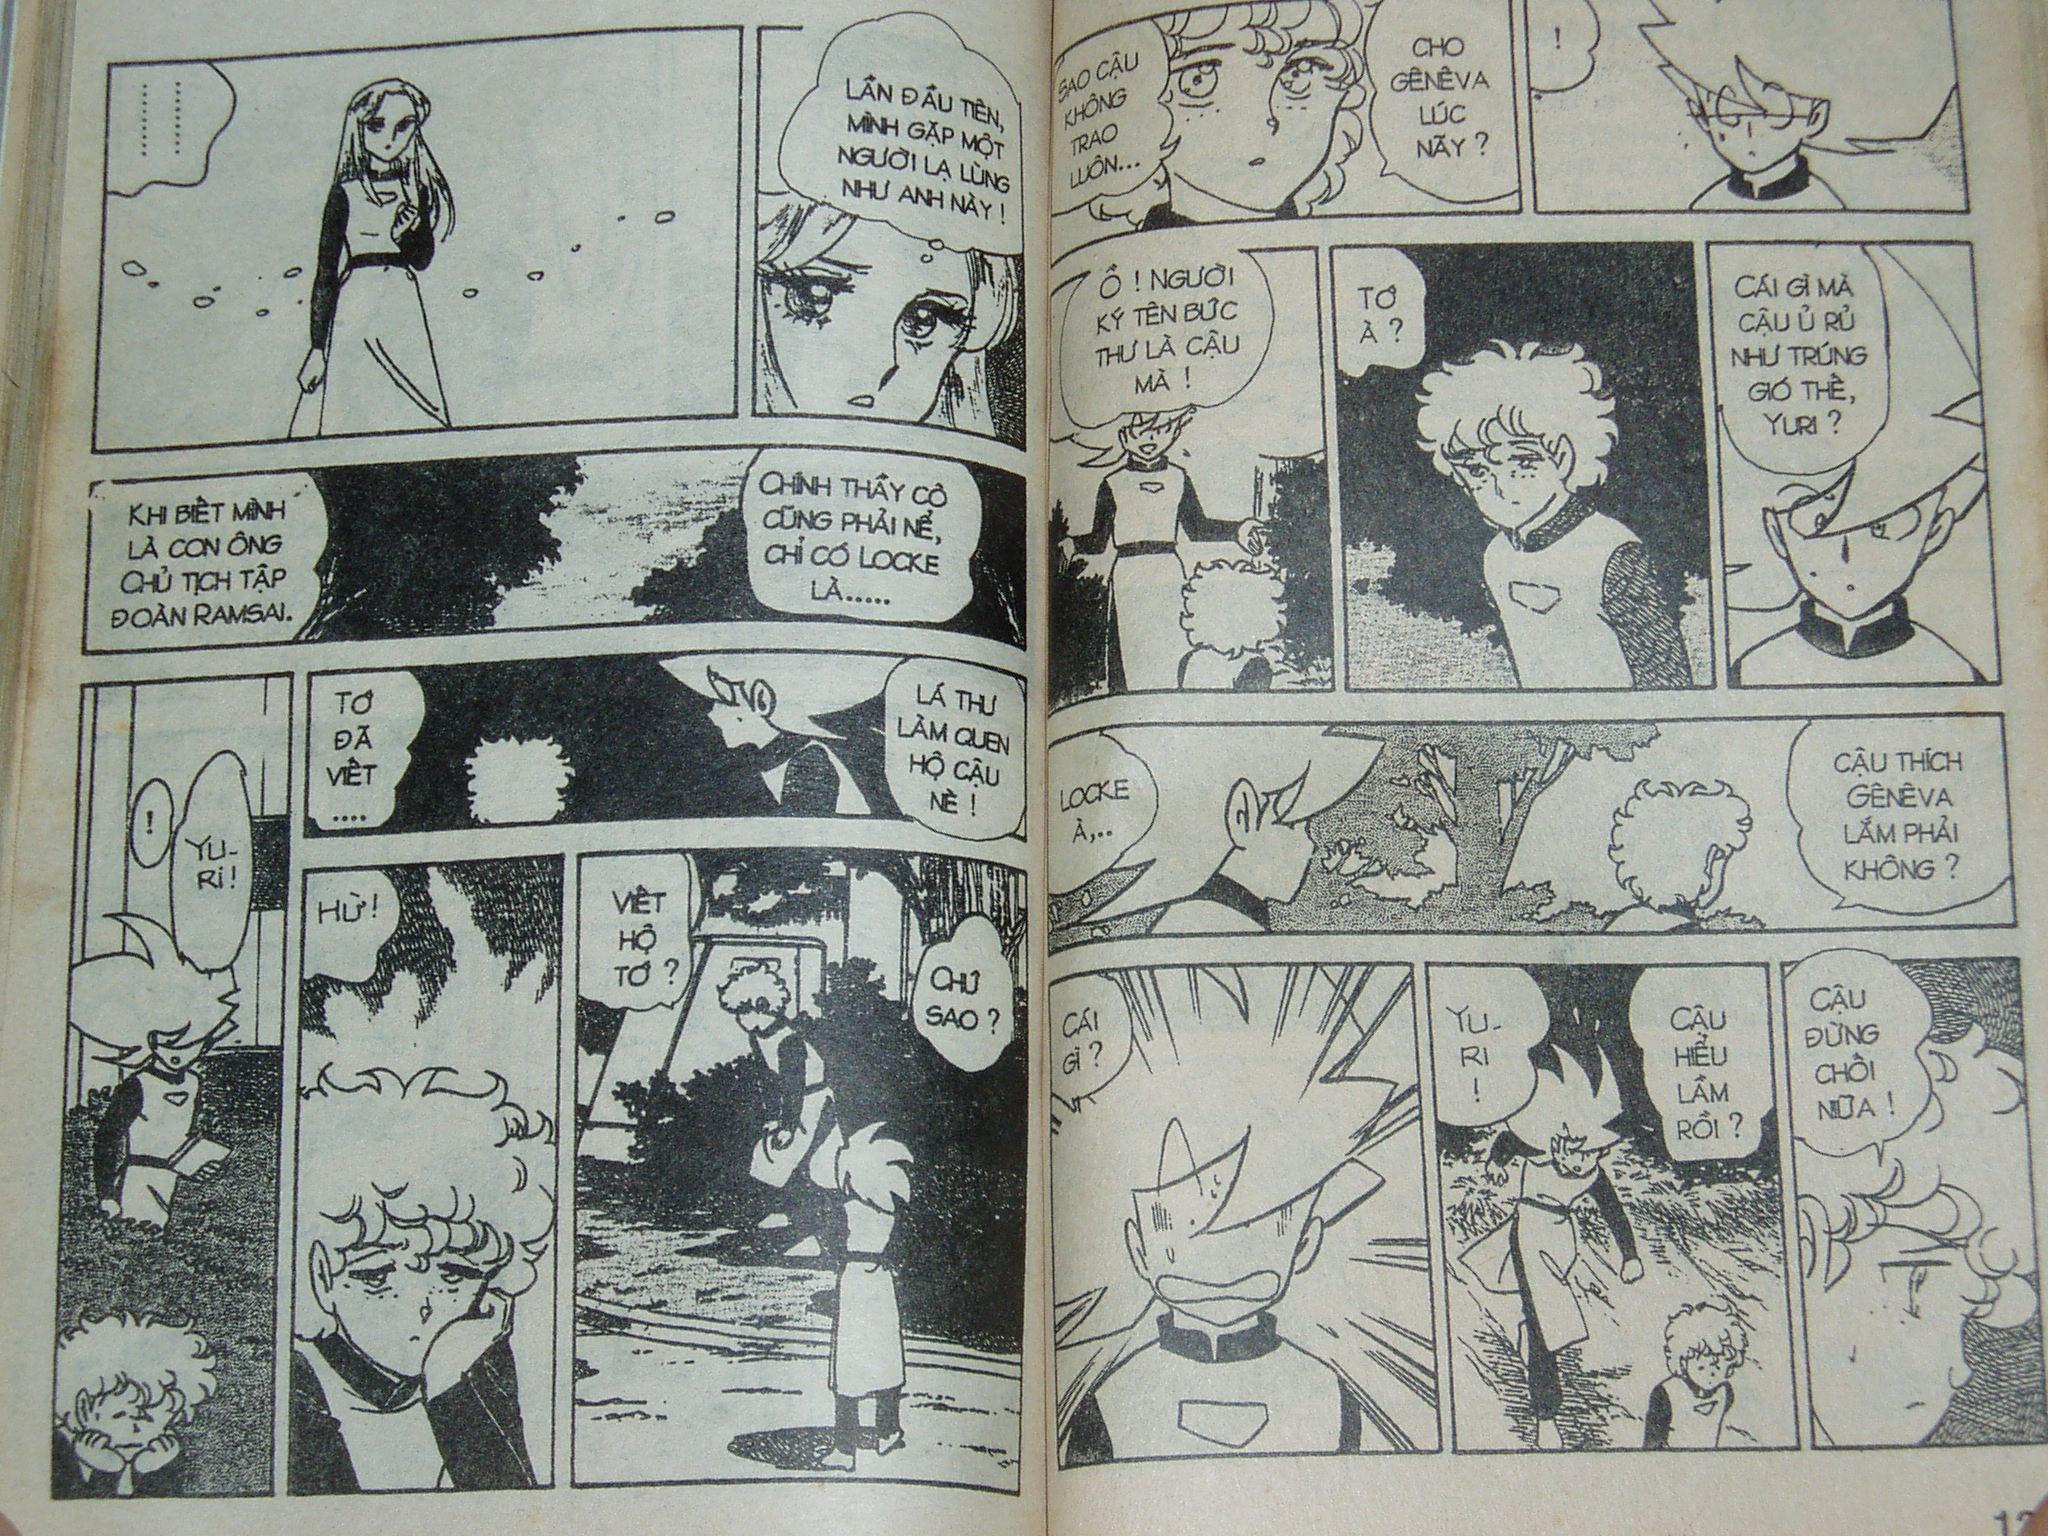 Siêu nhân Locke vol 18 trang 59